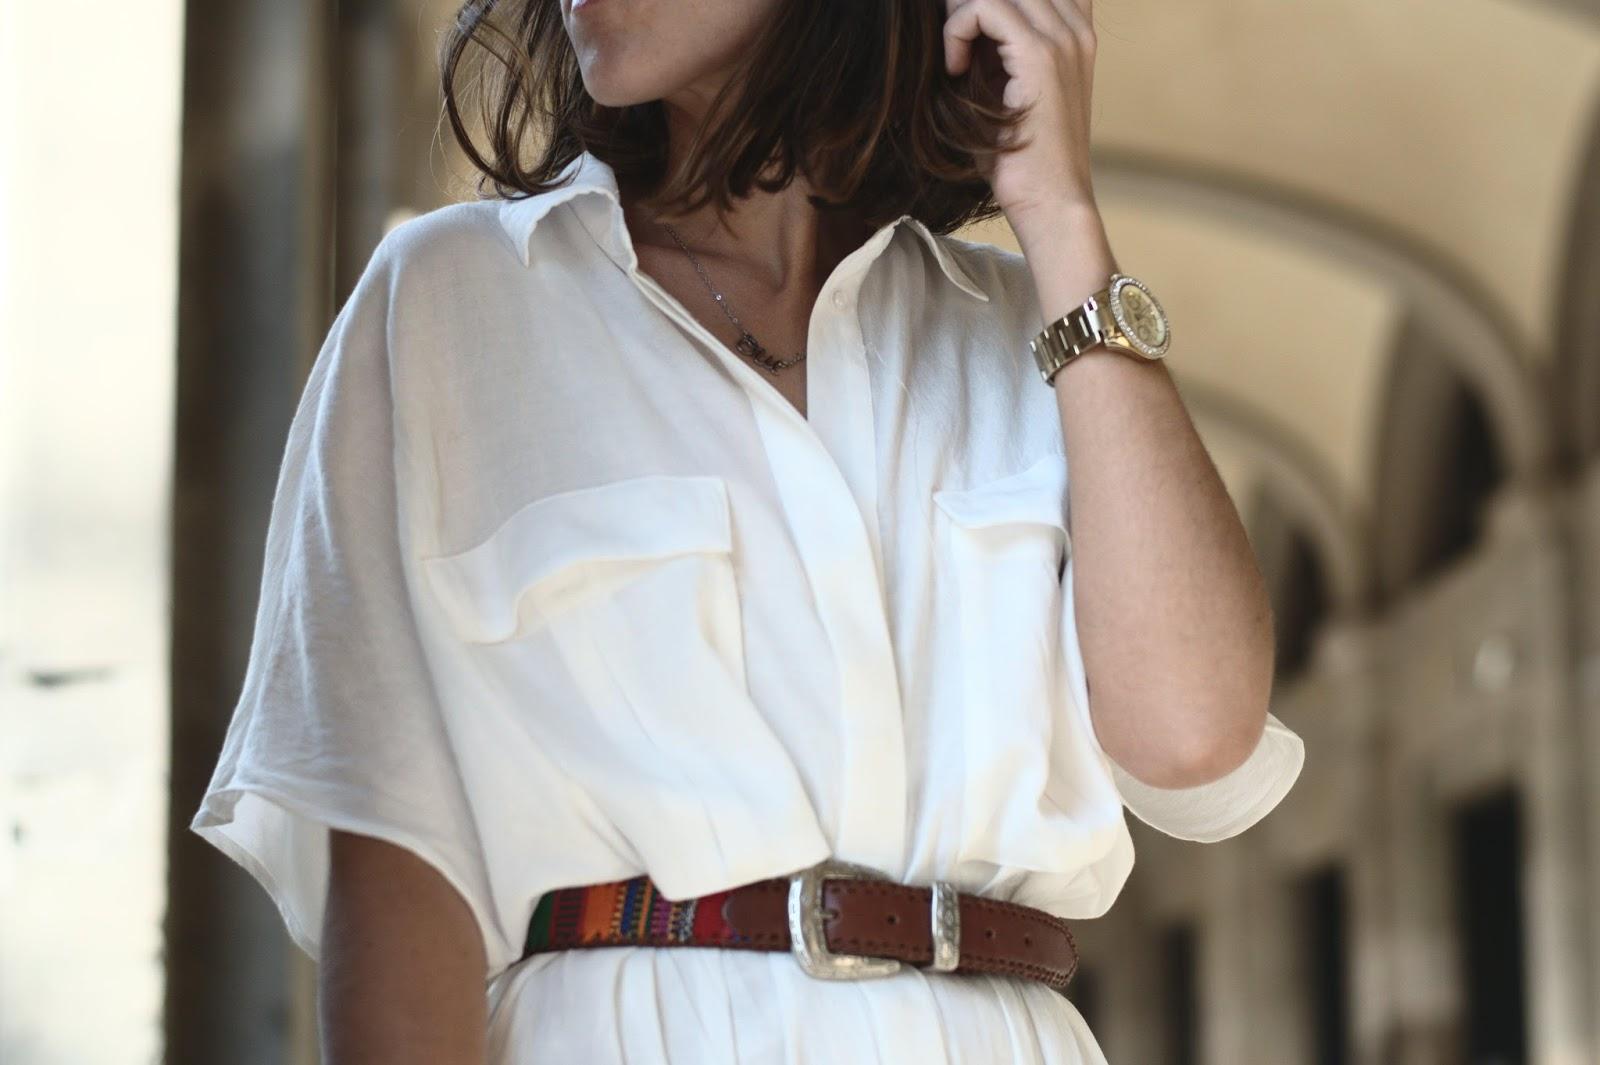 Vestido HM, cinturón vintage, clutch Mango, cuñas Zara